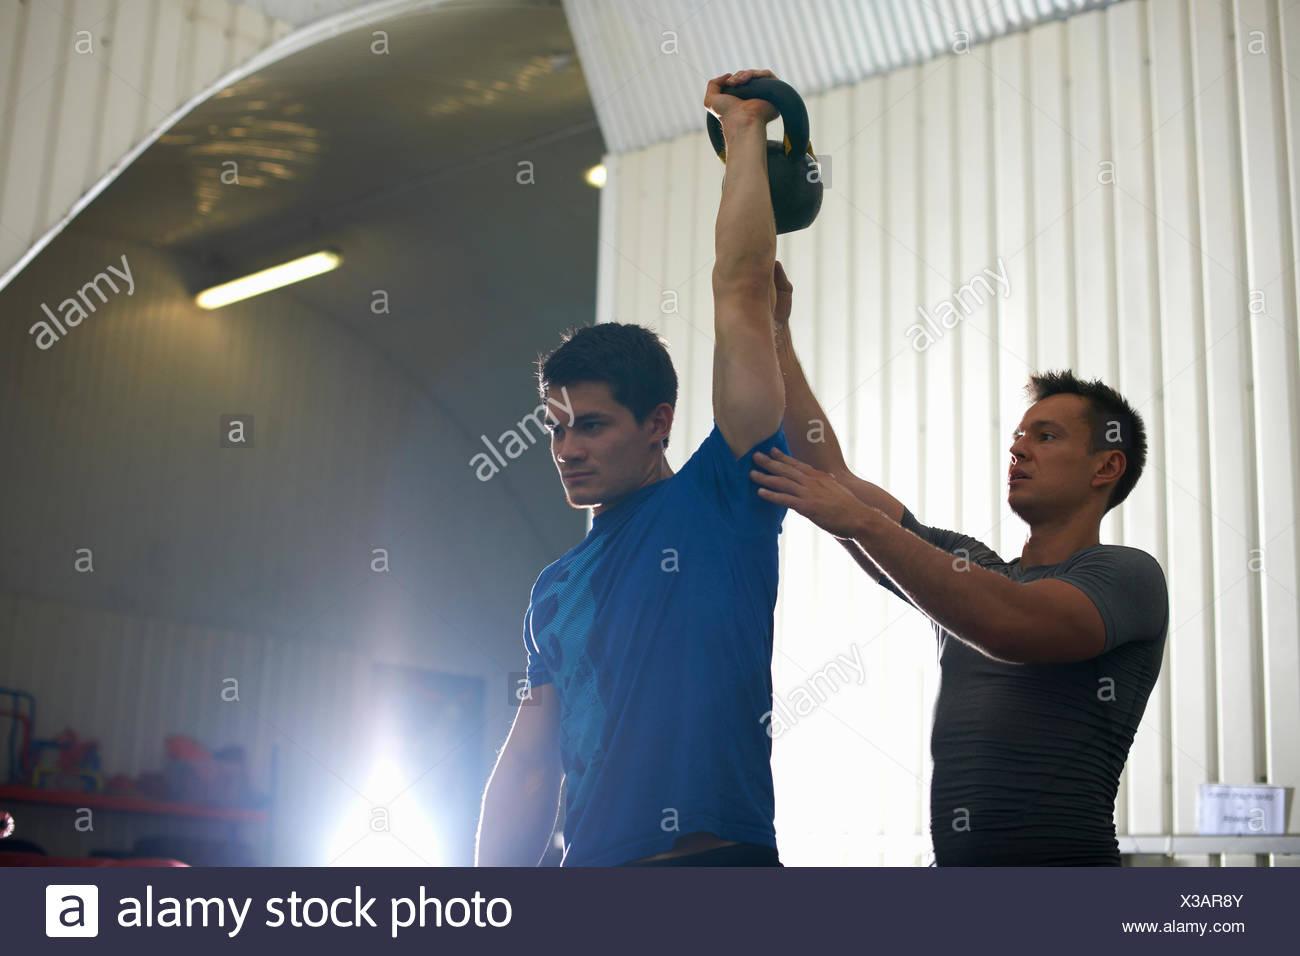 Hombre con kettlebell Trainer entrenamiento en el gimnasio Imagen De Stock